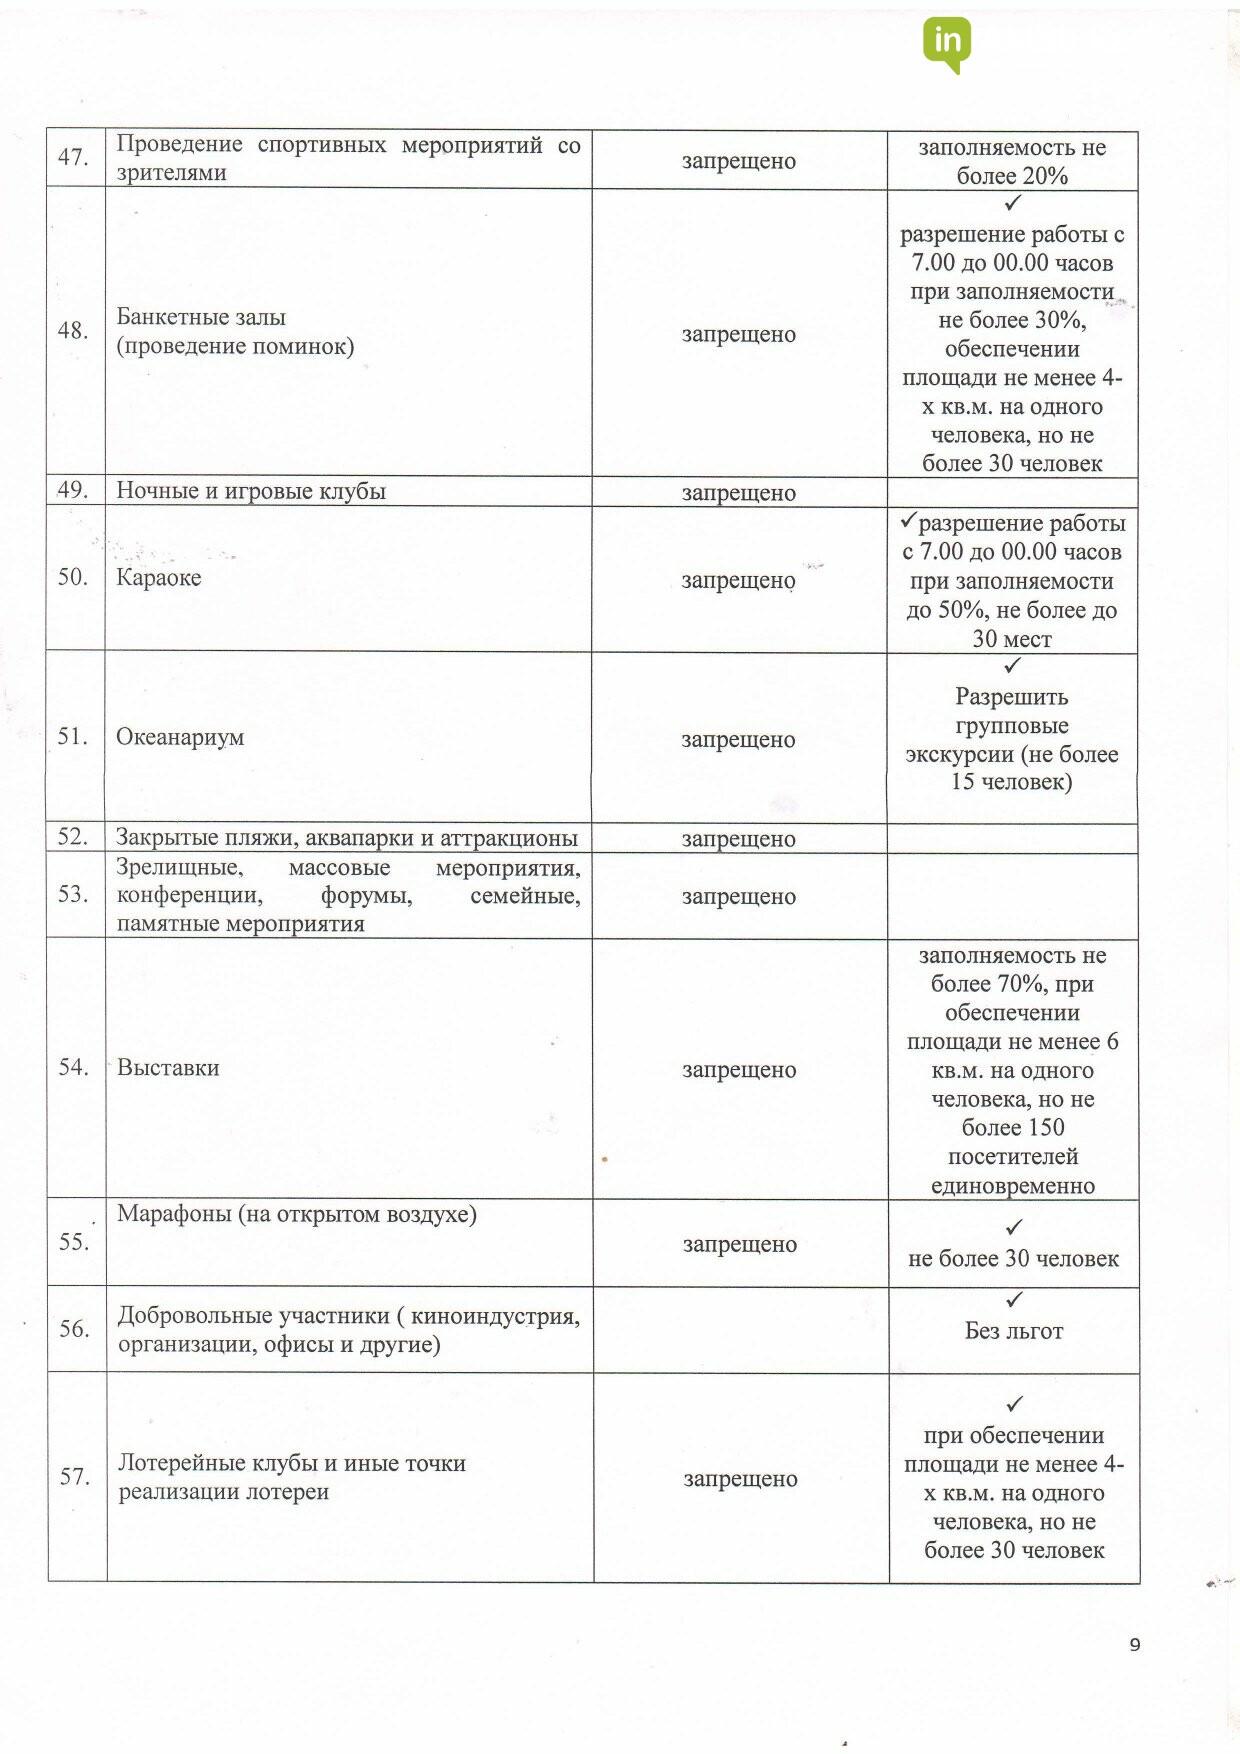 Опубликовано новое постановление главного государственного санврача Мангистау, фото-9